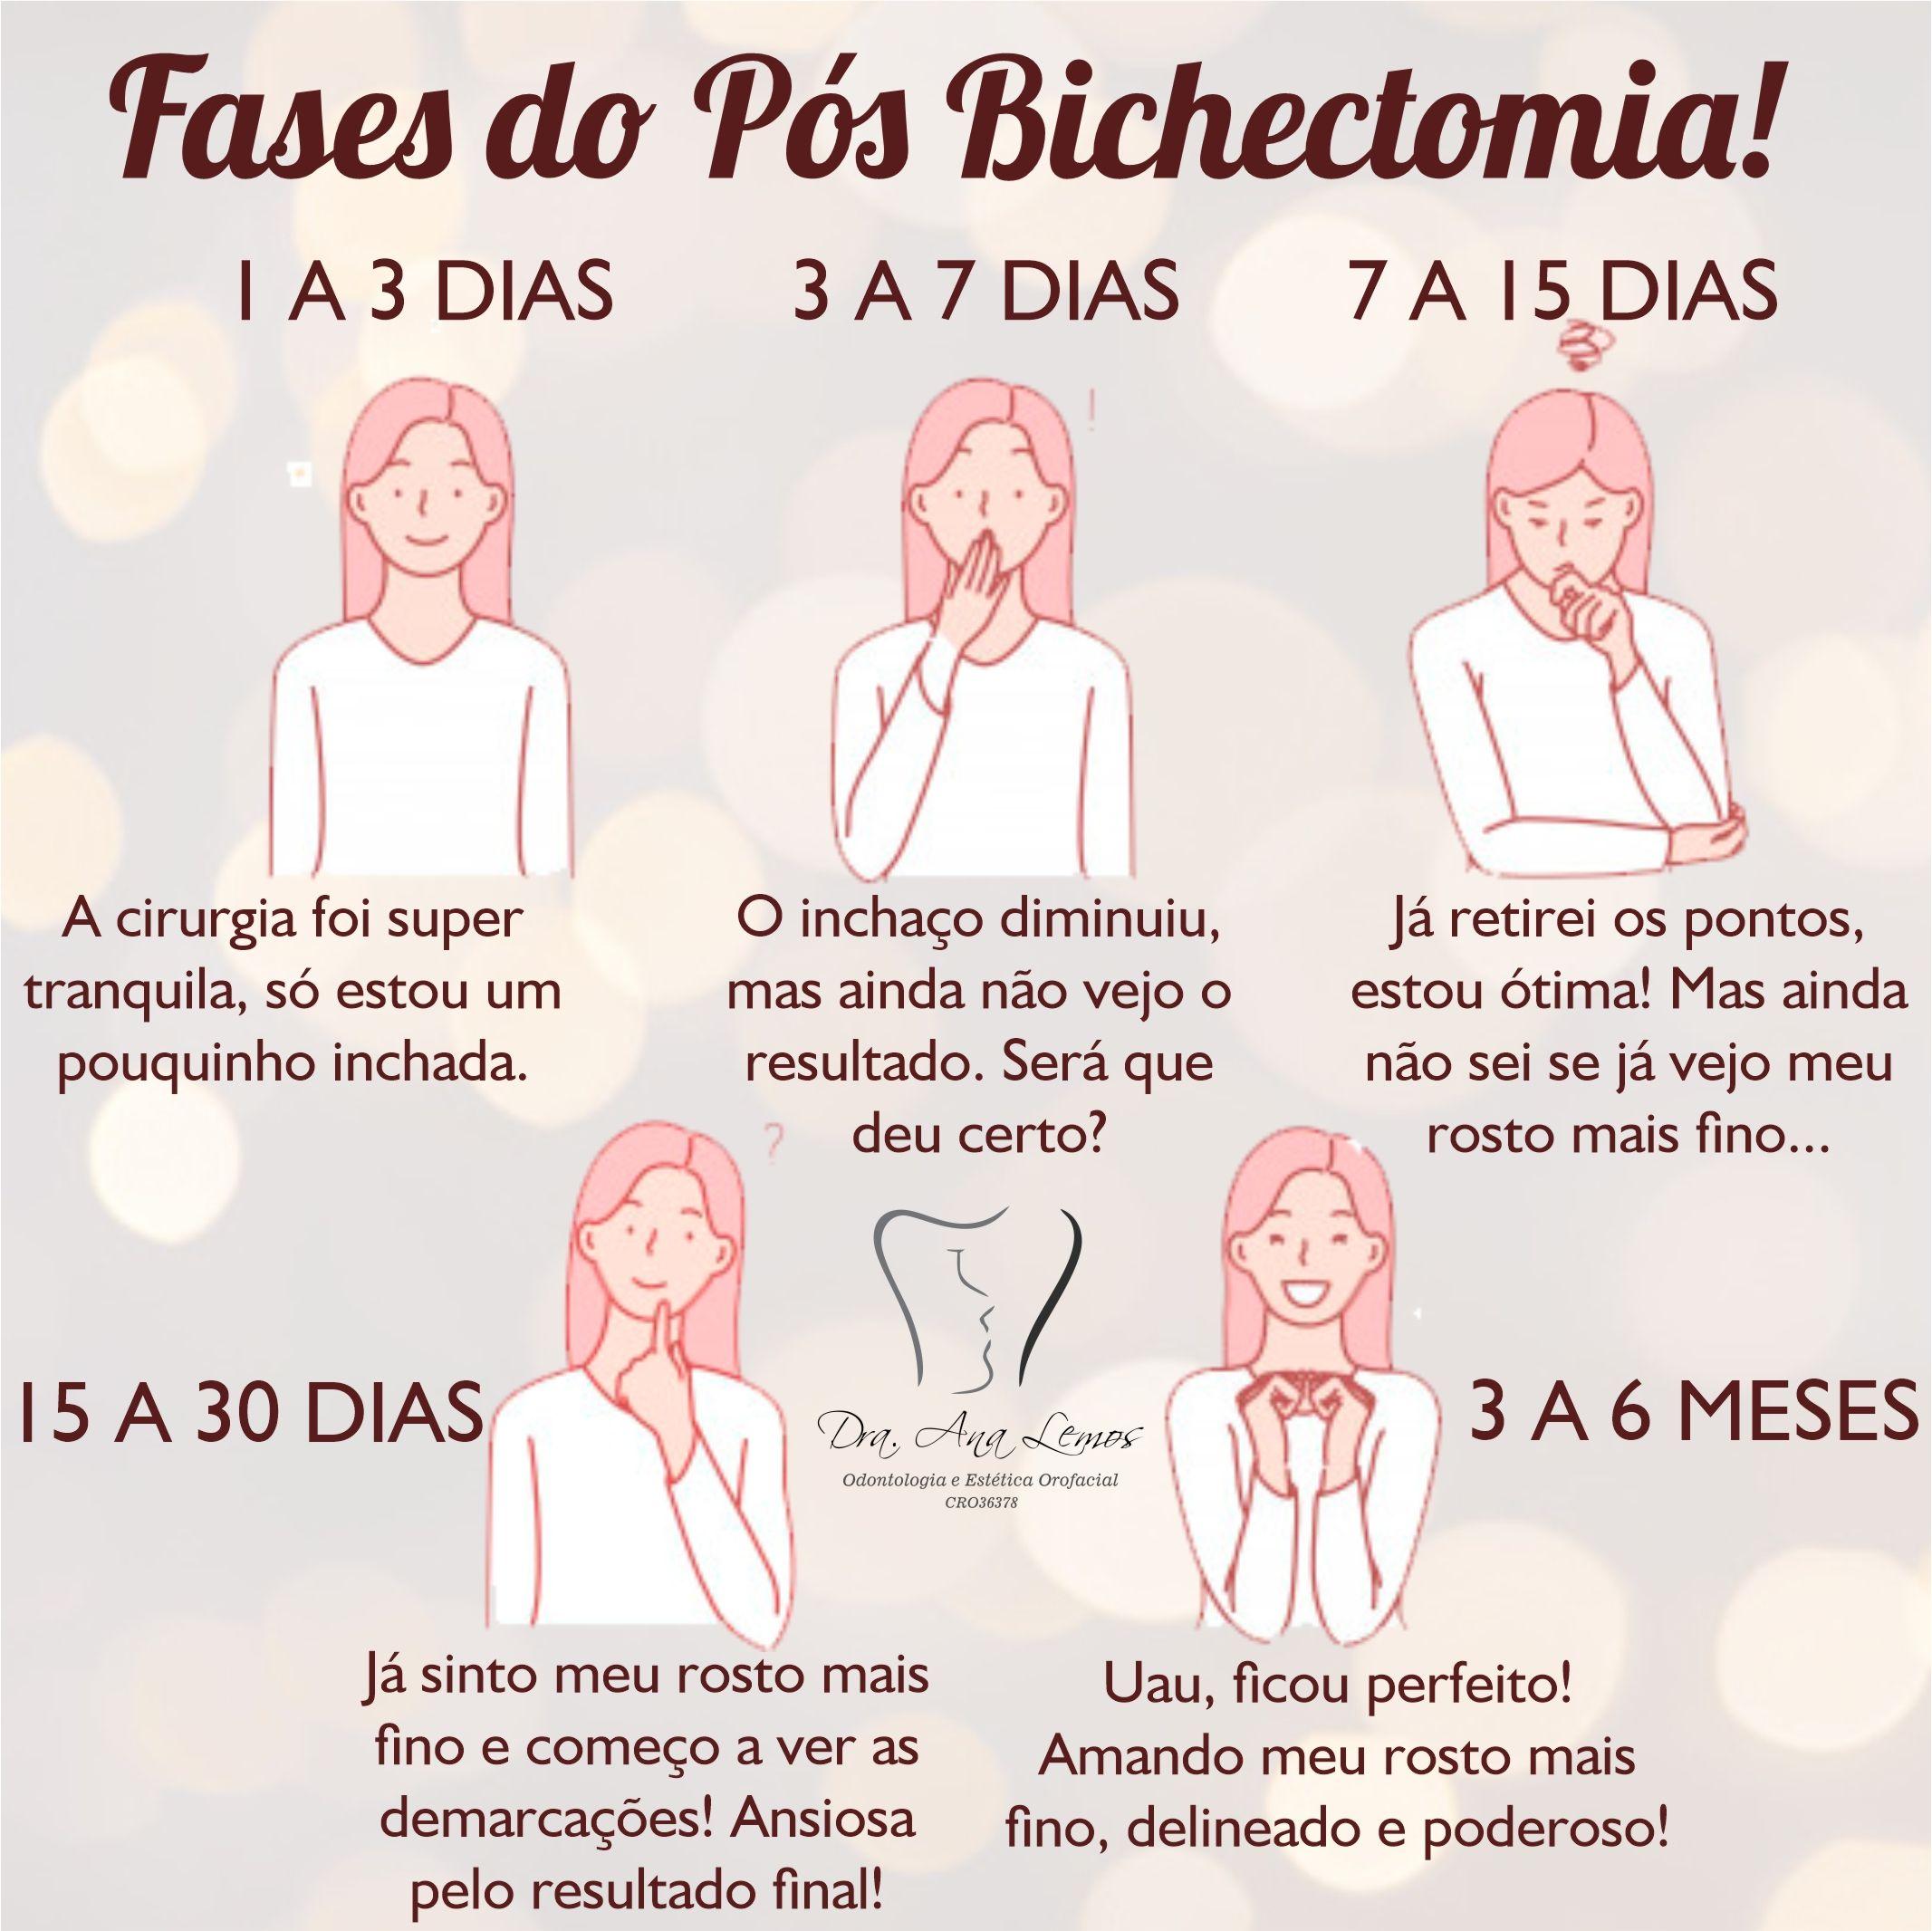 fases do pos bichectomia cirurgia rosto mais fino pos